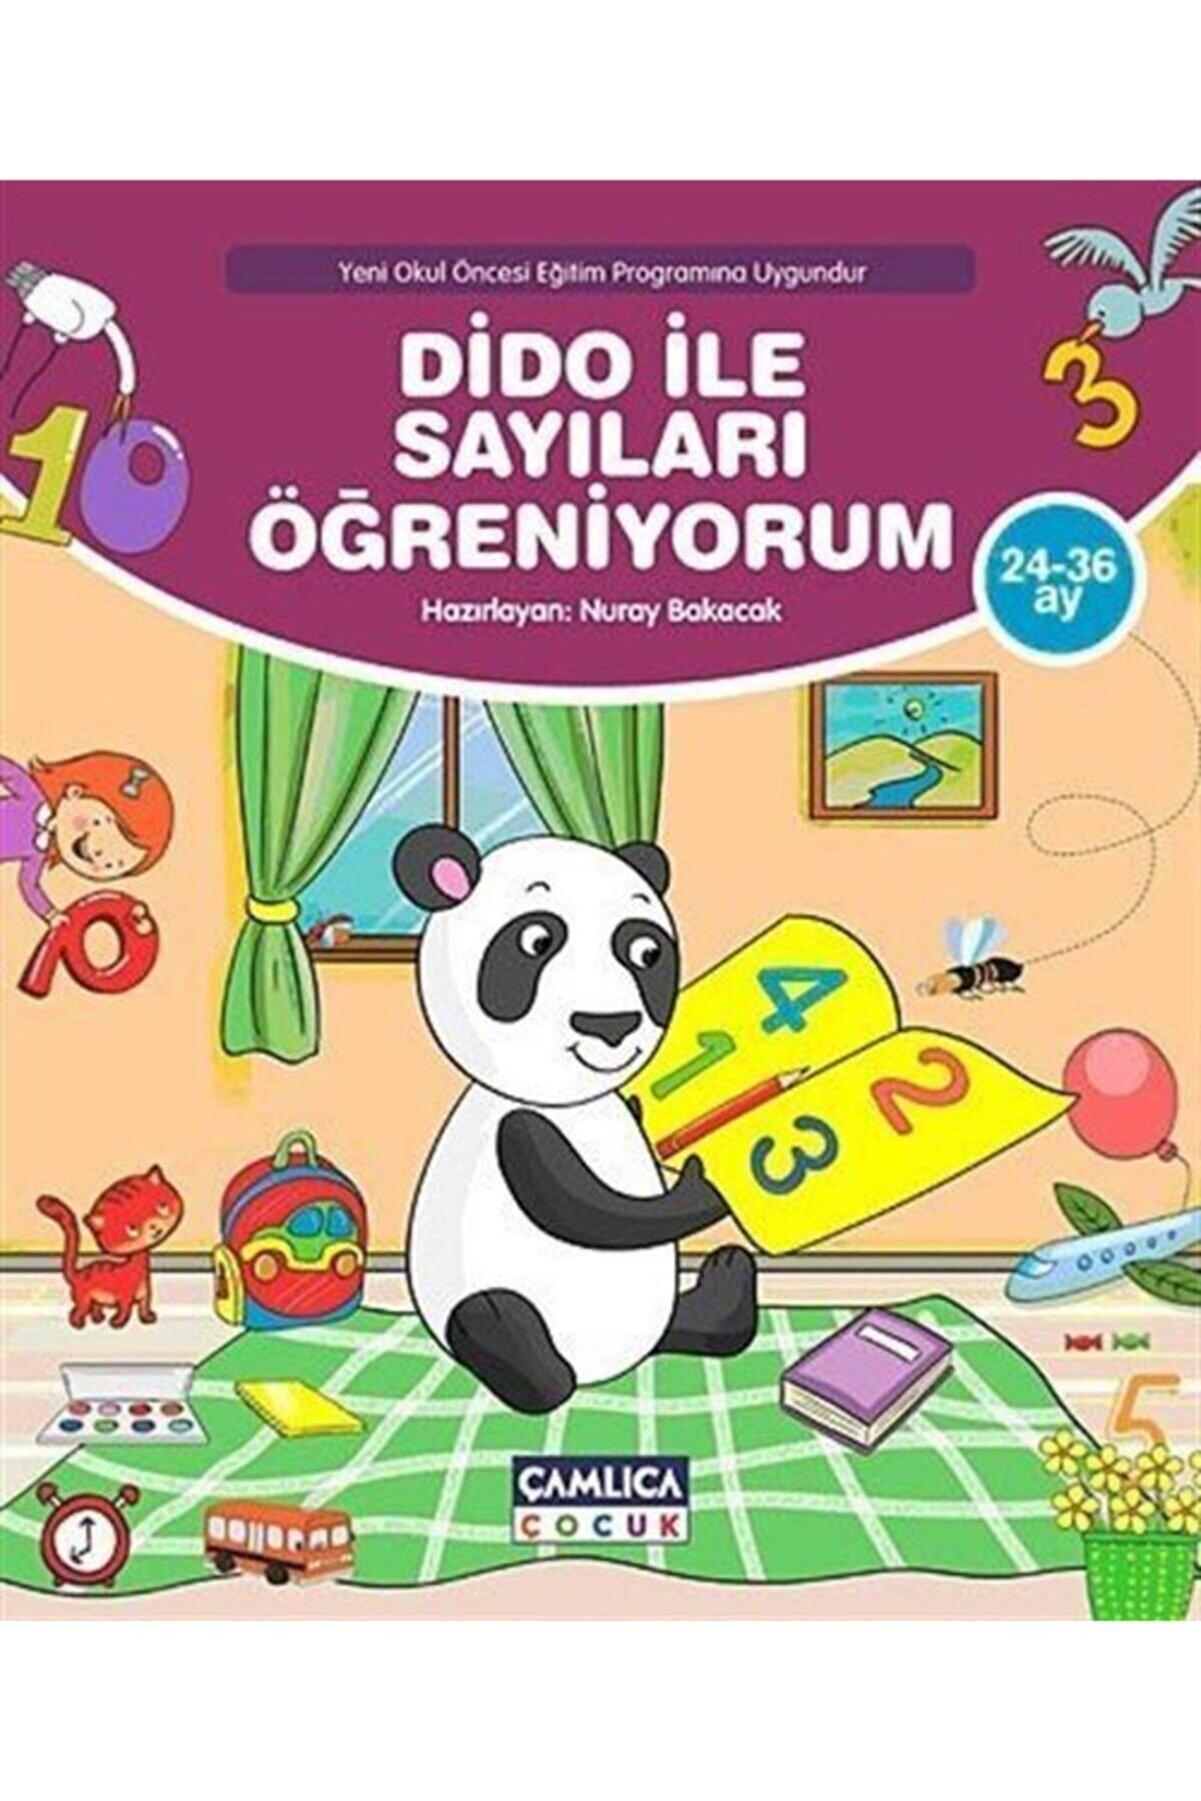 Çamlıca Çocuk Yayınları Dido Ile Sayıları Öğreniyorum (24-36 Ay)